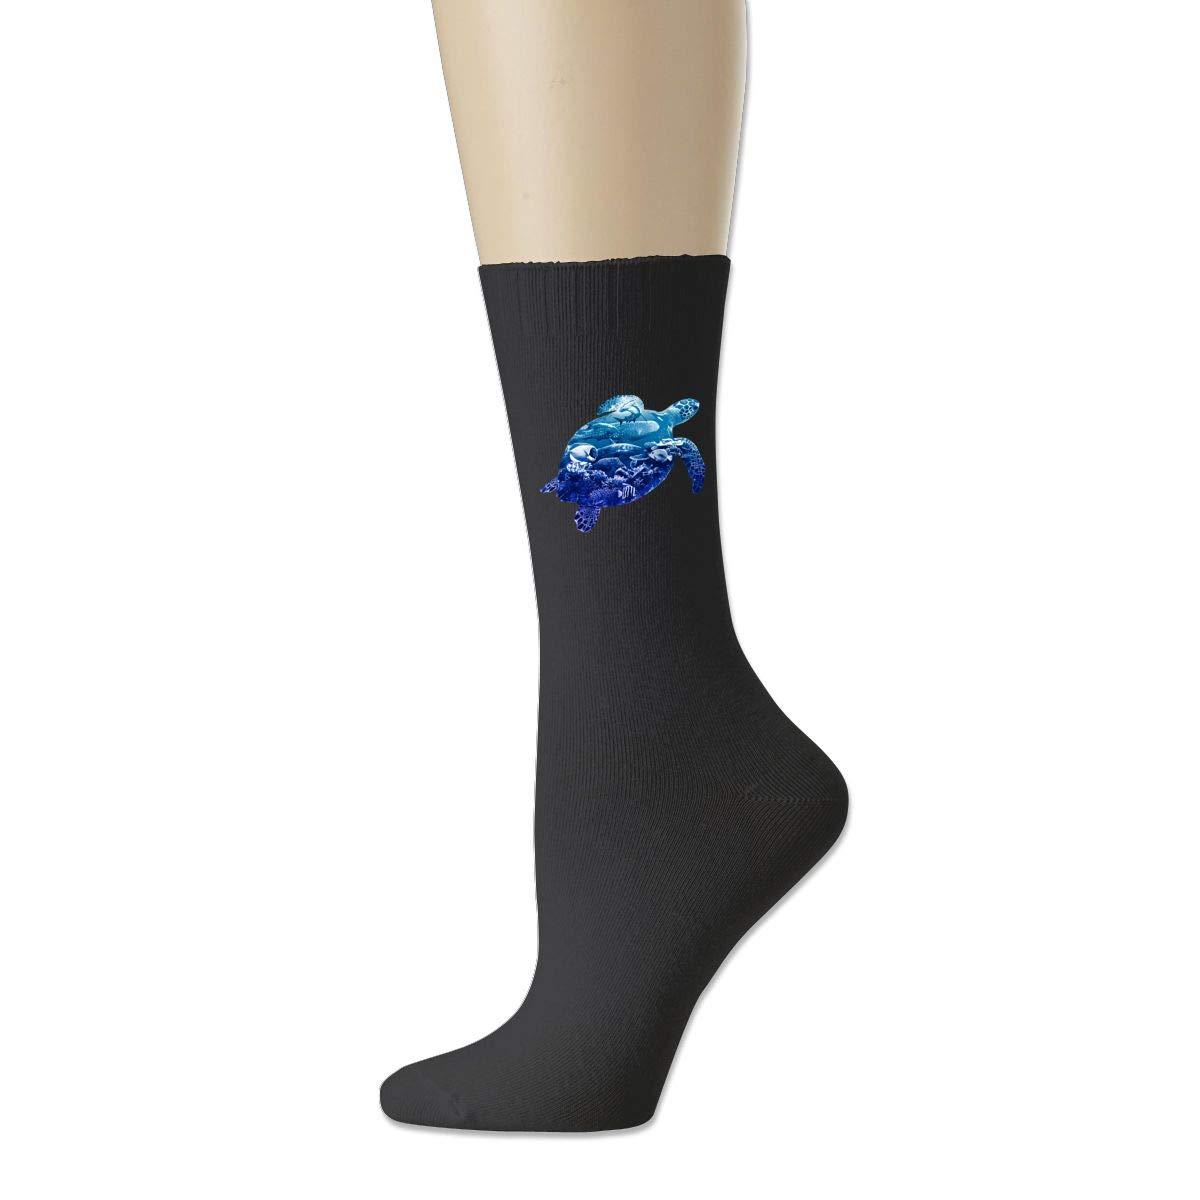 Rigg-socks Ocean Life For Men Comfortable Sport Socks Black